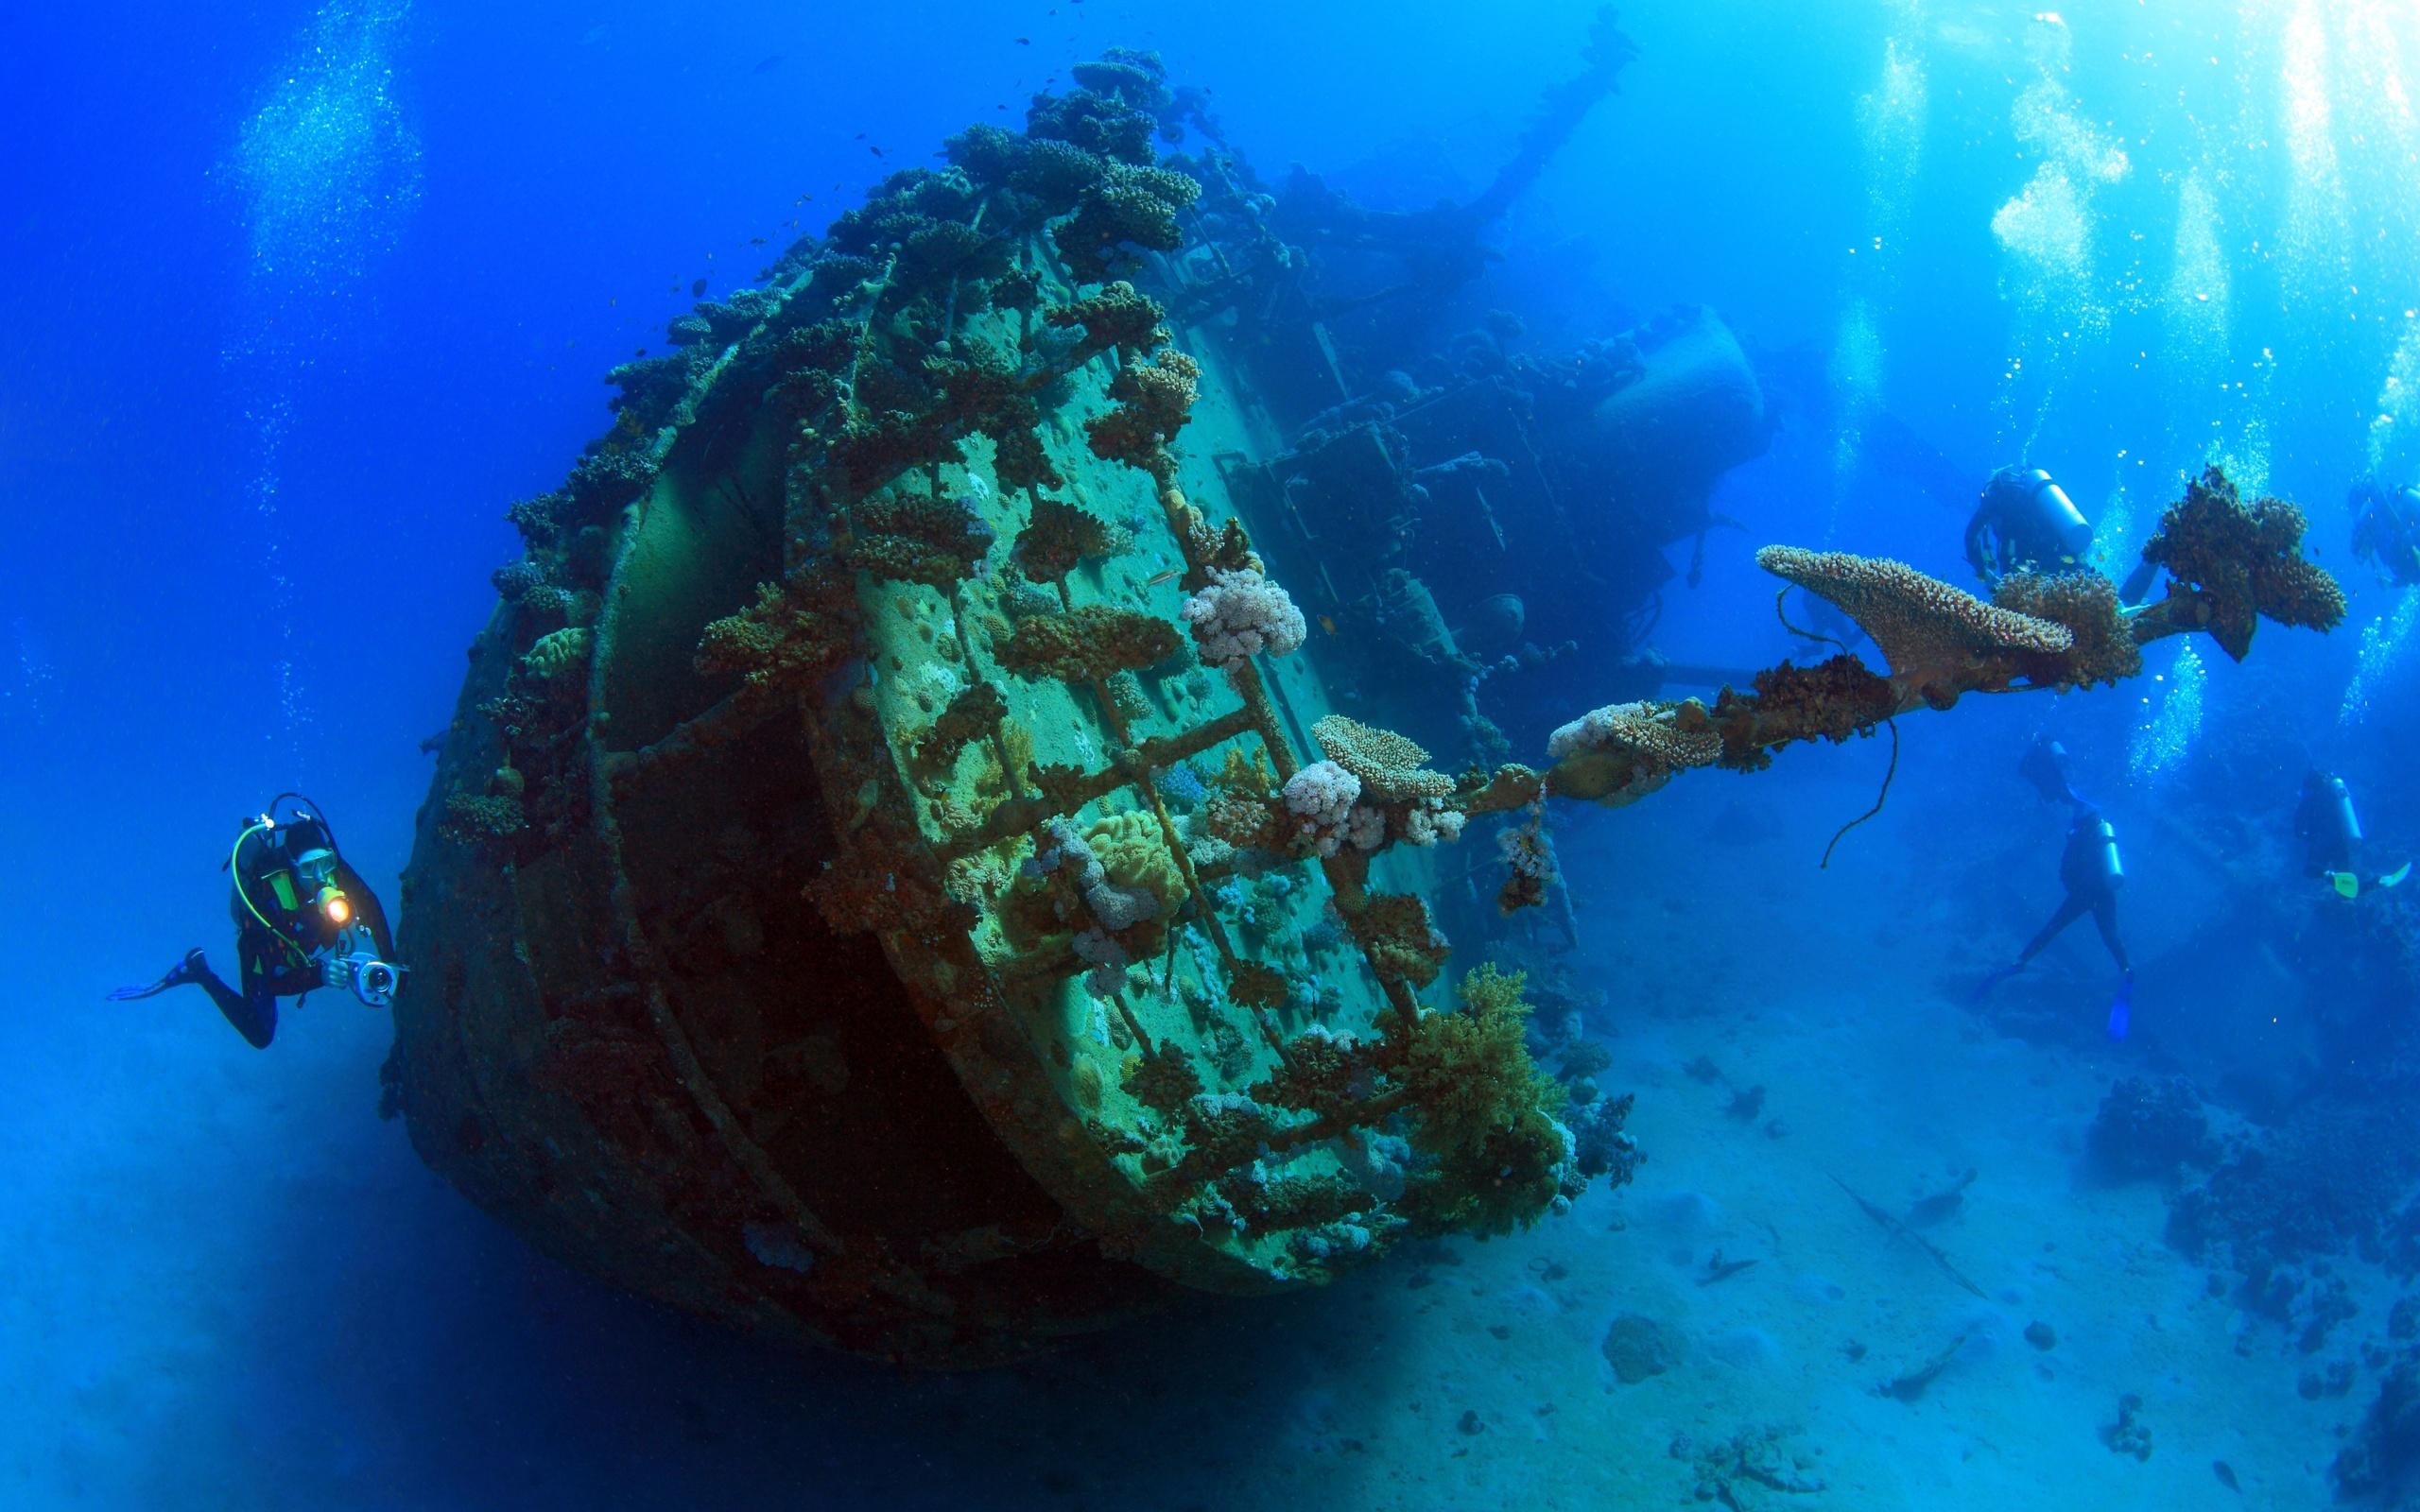 или гальванический смотреть фото затонувших кораблей также хорошо зарекомендовал